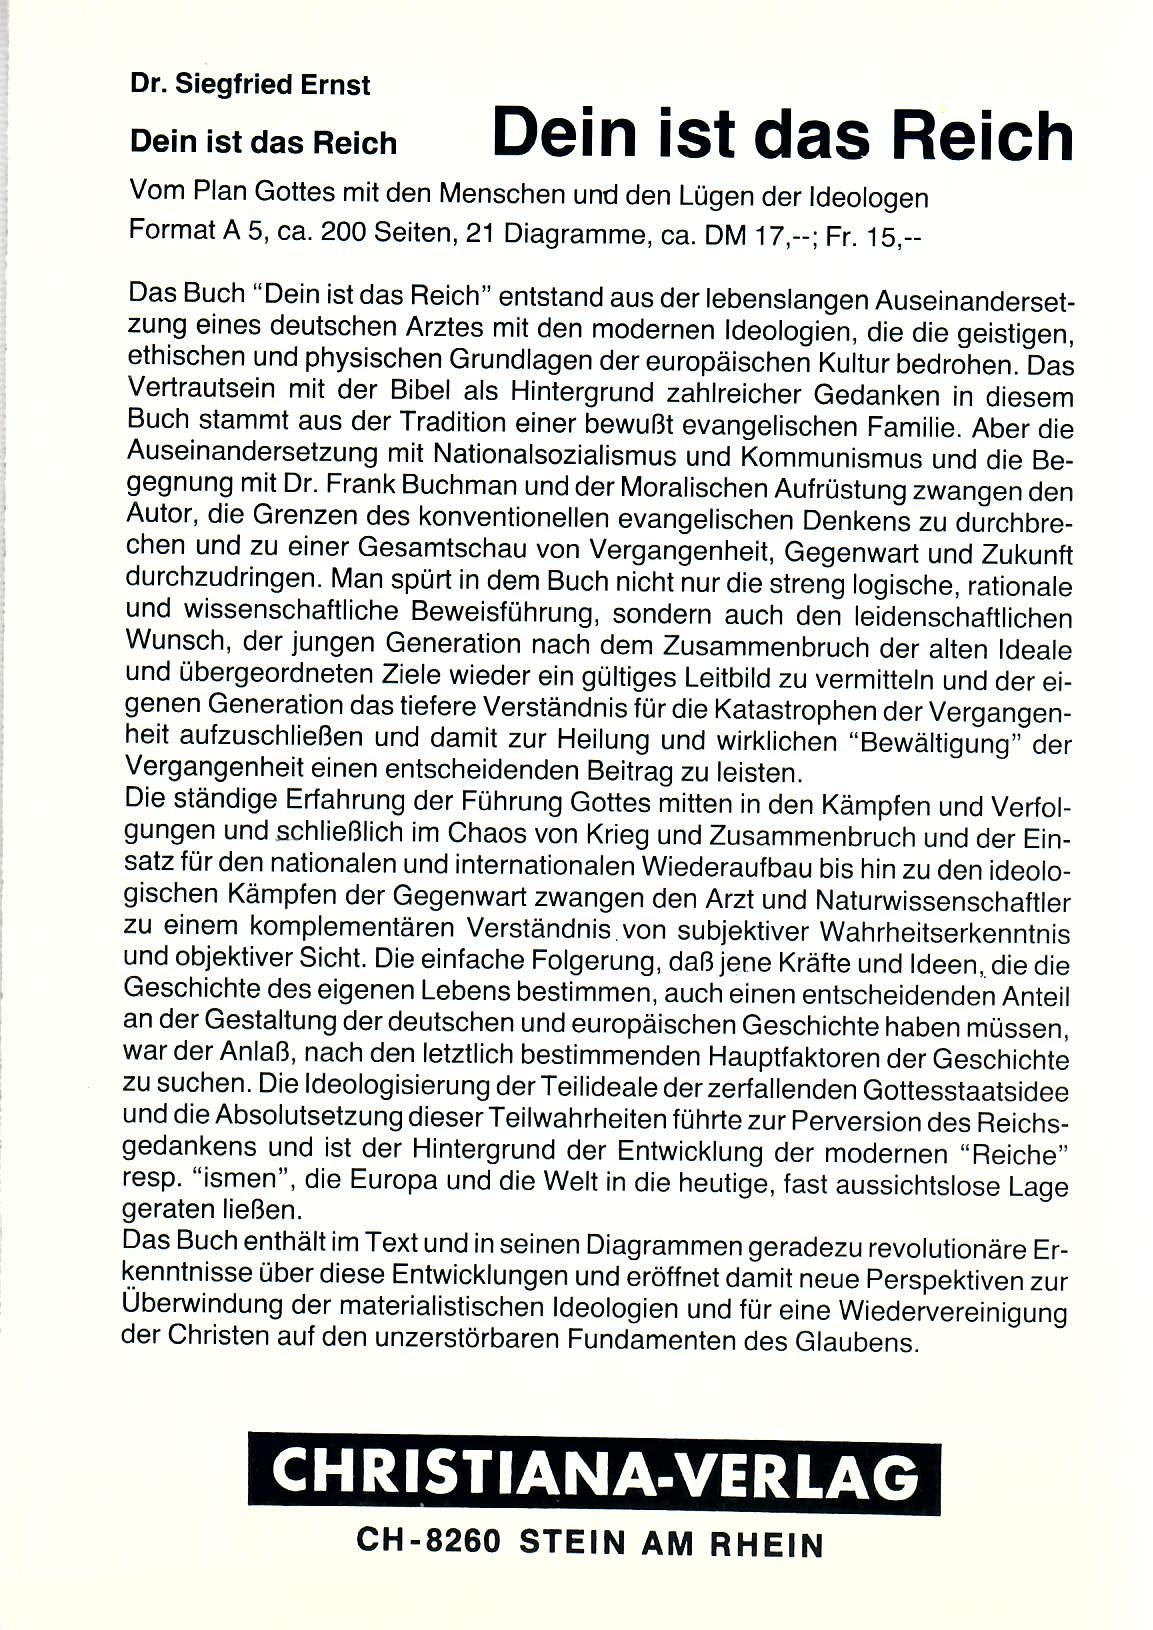 """Evangelische Gedanken zur Frage des Petrusamtes und der """"Unfehlbarkeit in Lehre und Sitte"""" : Europäische Ärzteaktion in den deutschsprachigen Ländern 1. Auflage"""